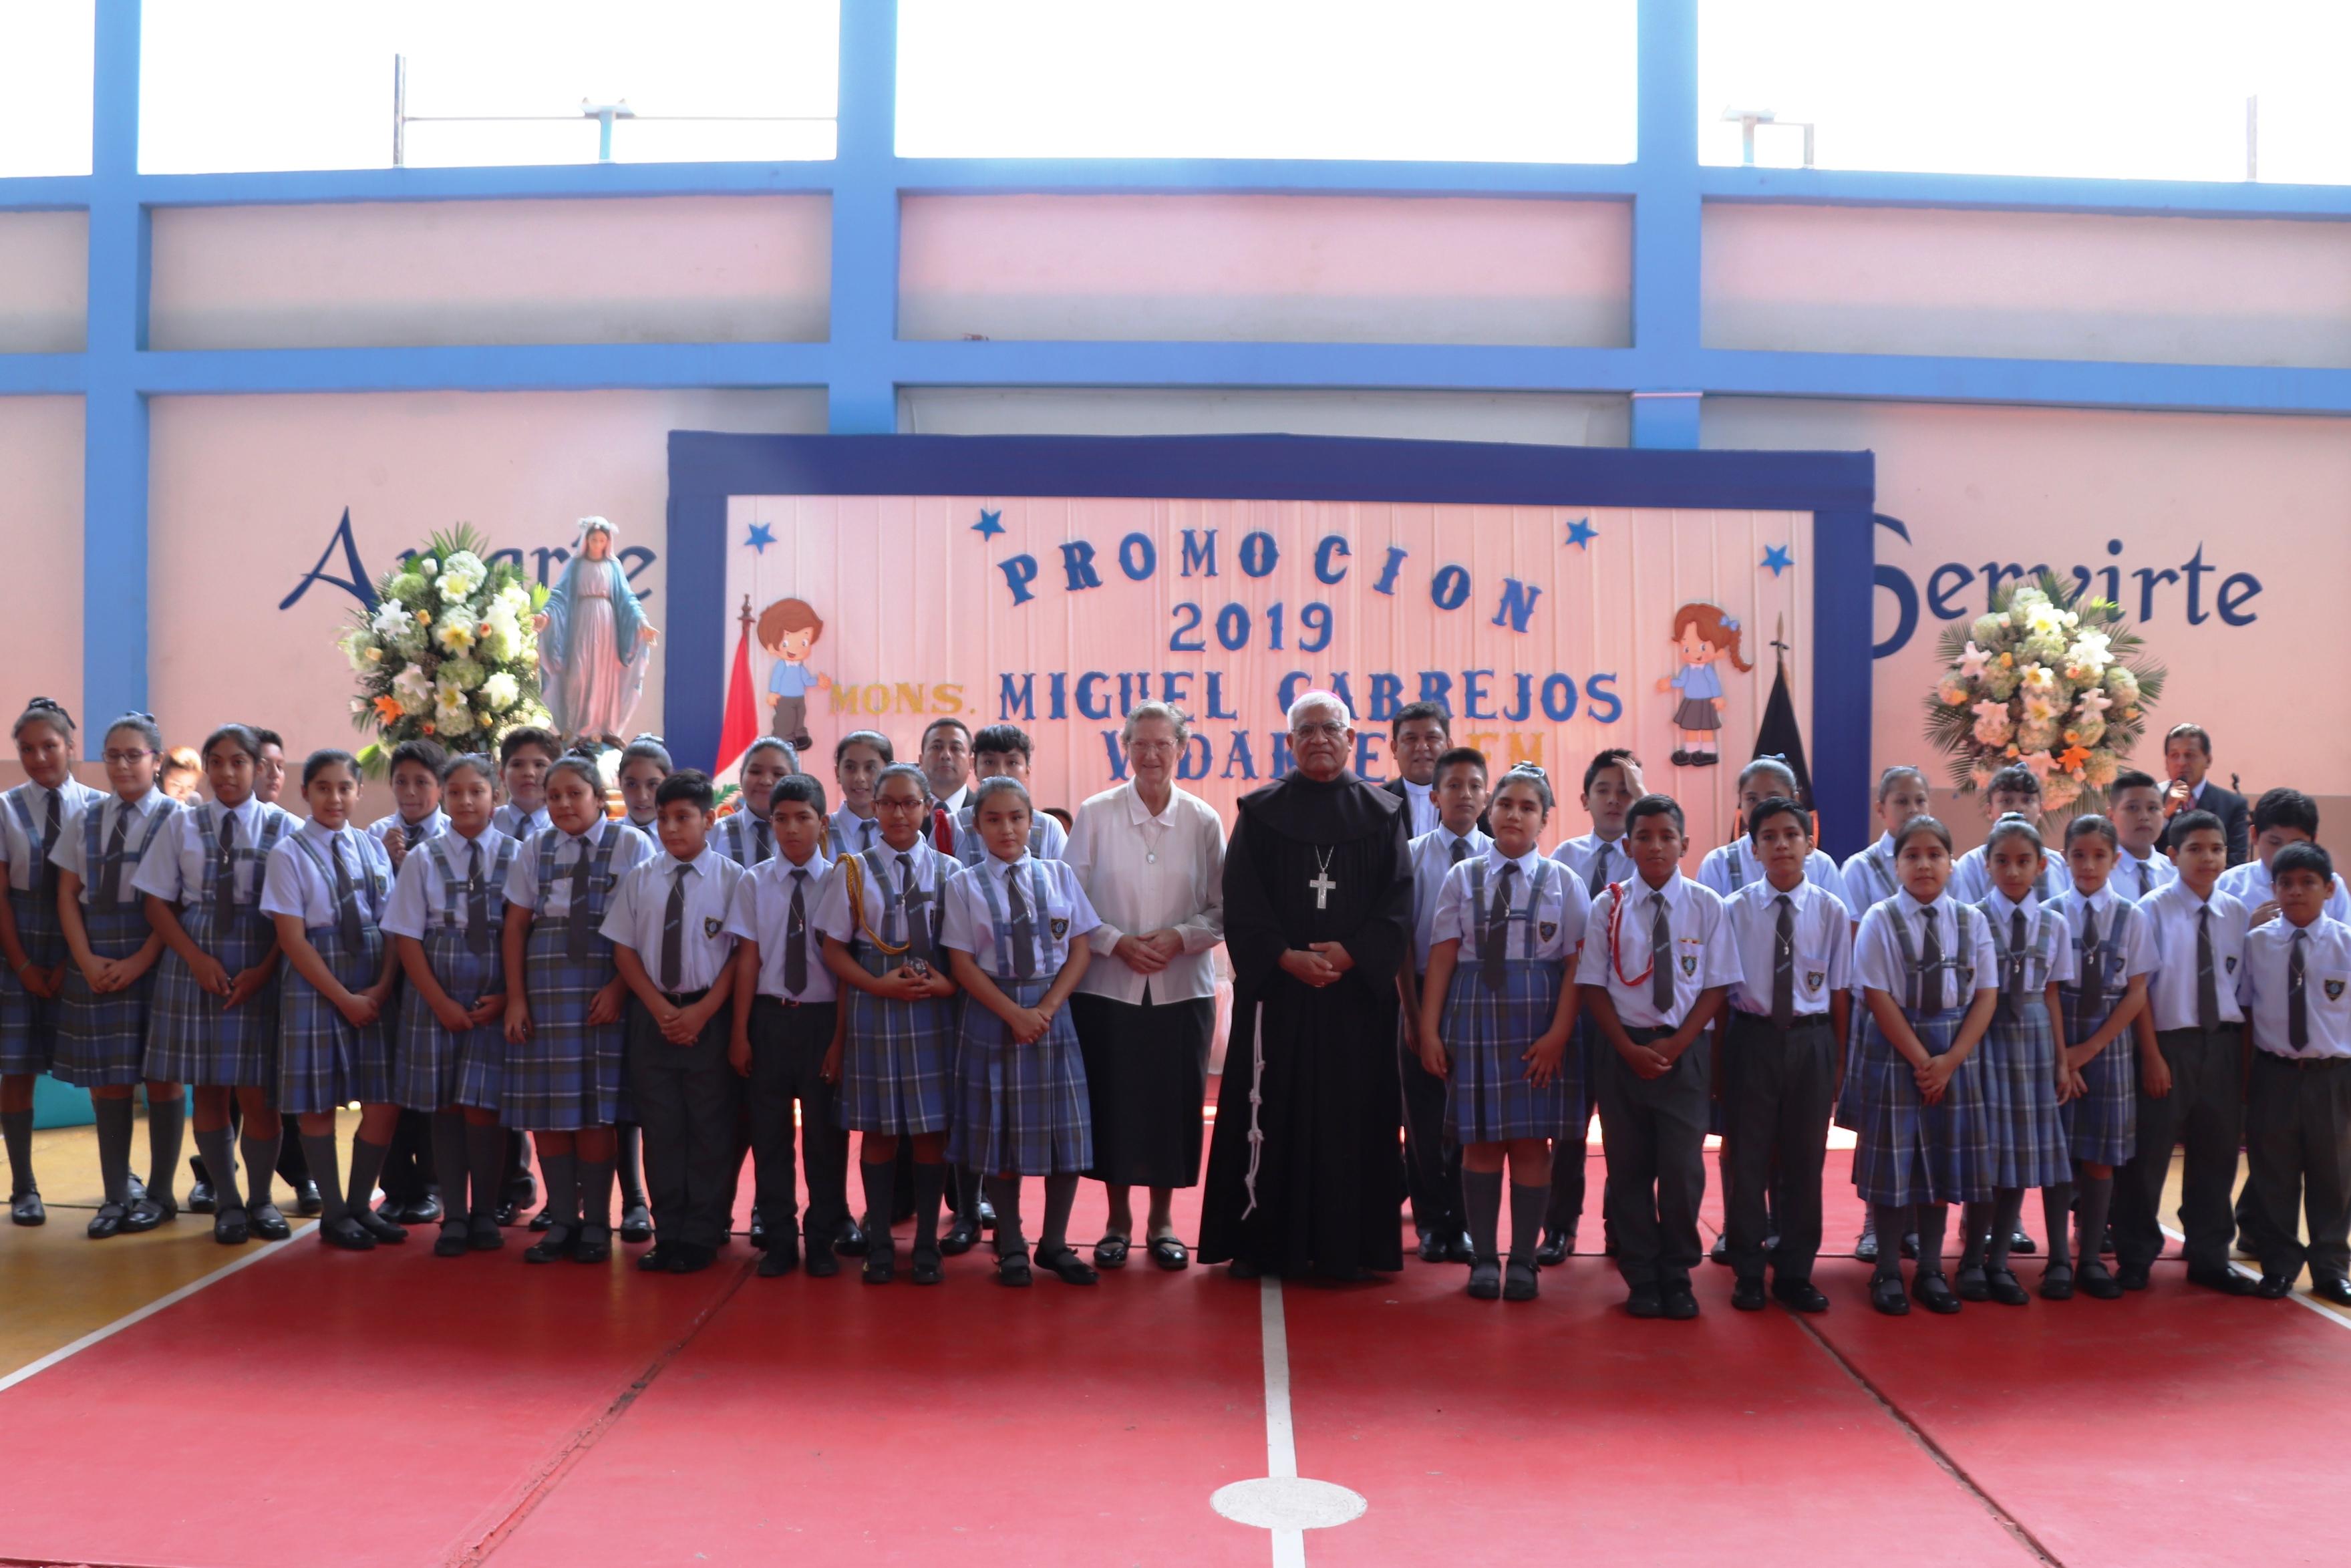 La Esperanza: Arzobispo apadrina promoción escolar con su nombre